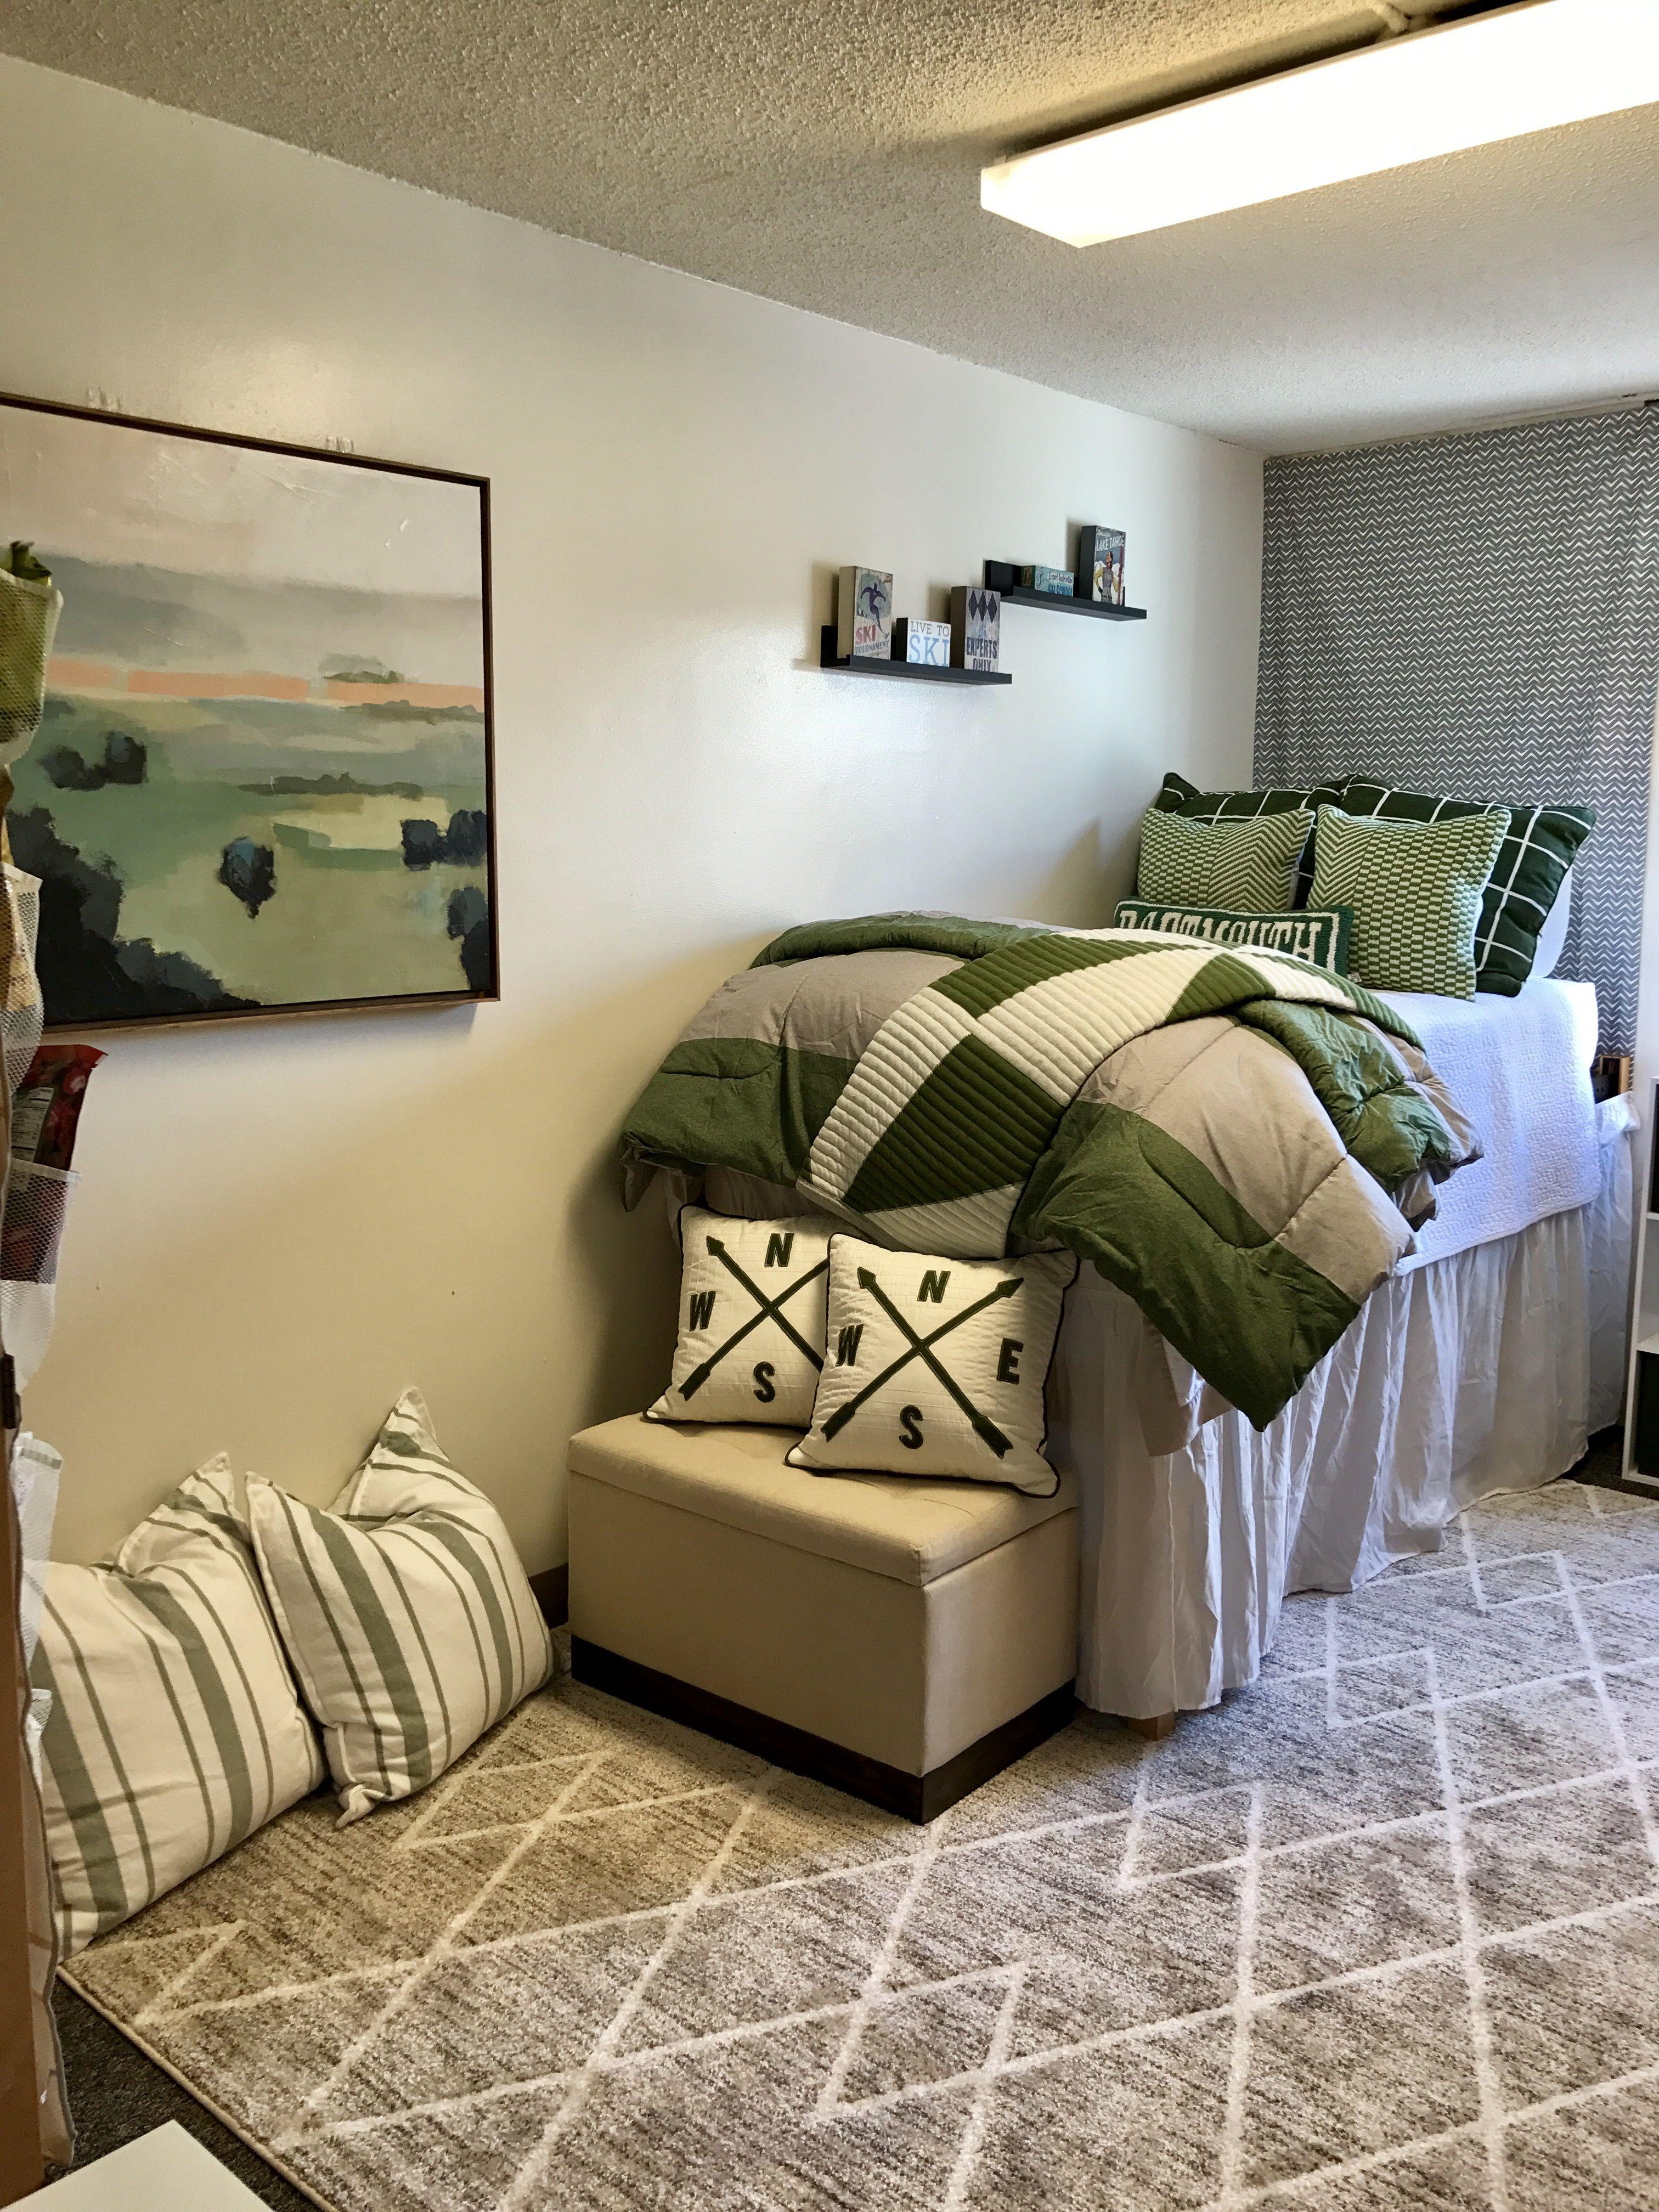 Student Dorm Room: Dartmouth College, Home, Dorm